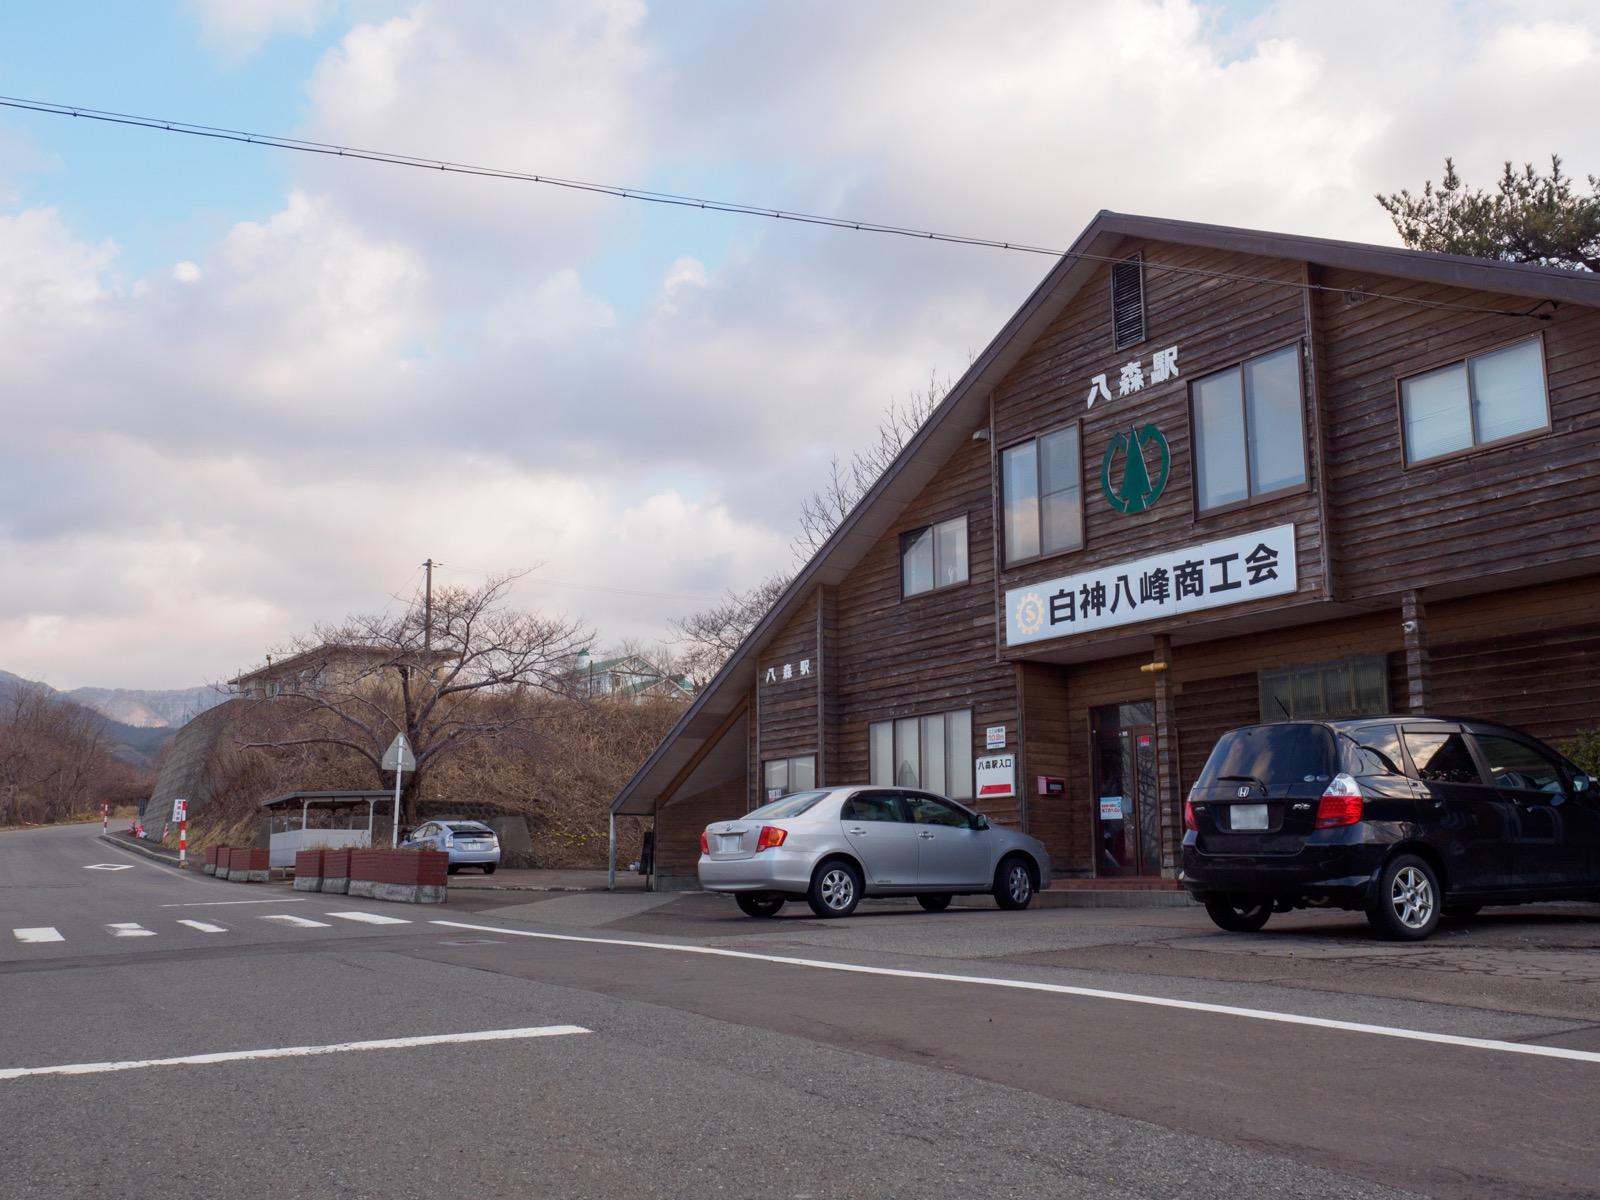 八森駅の駅舎